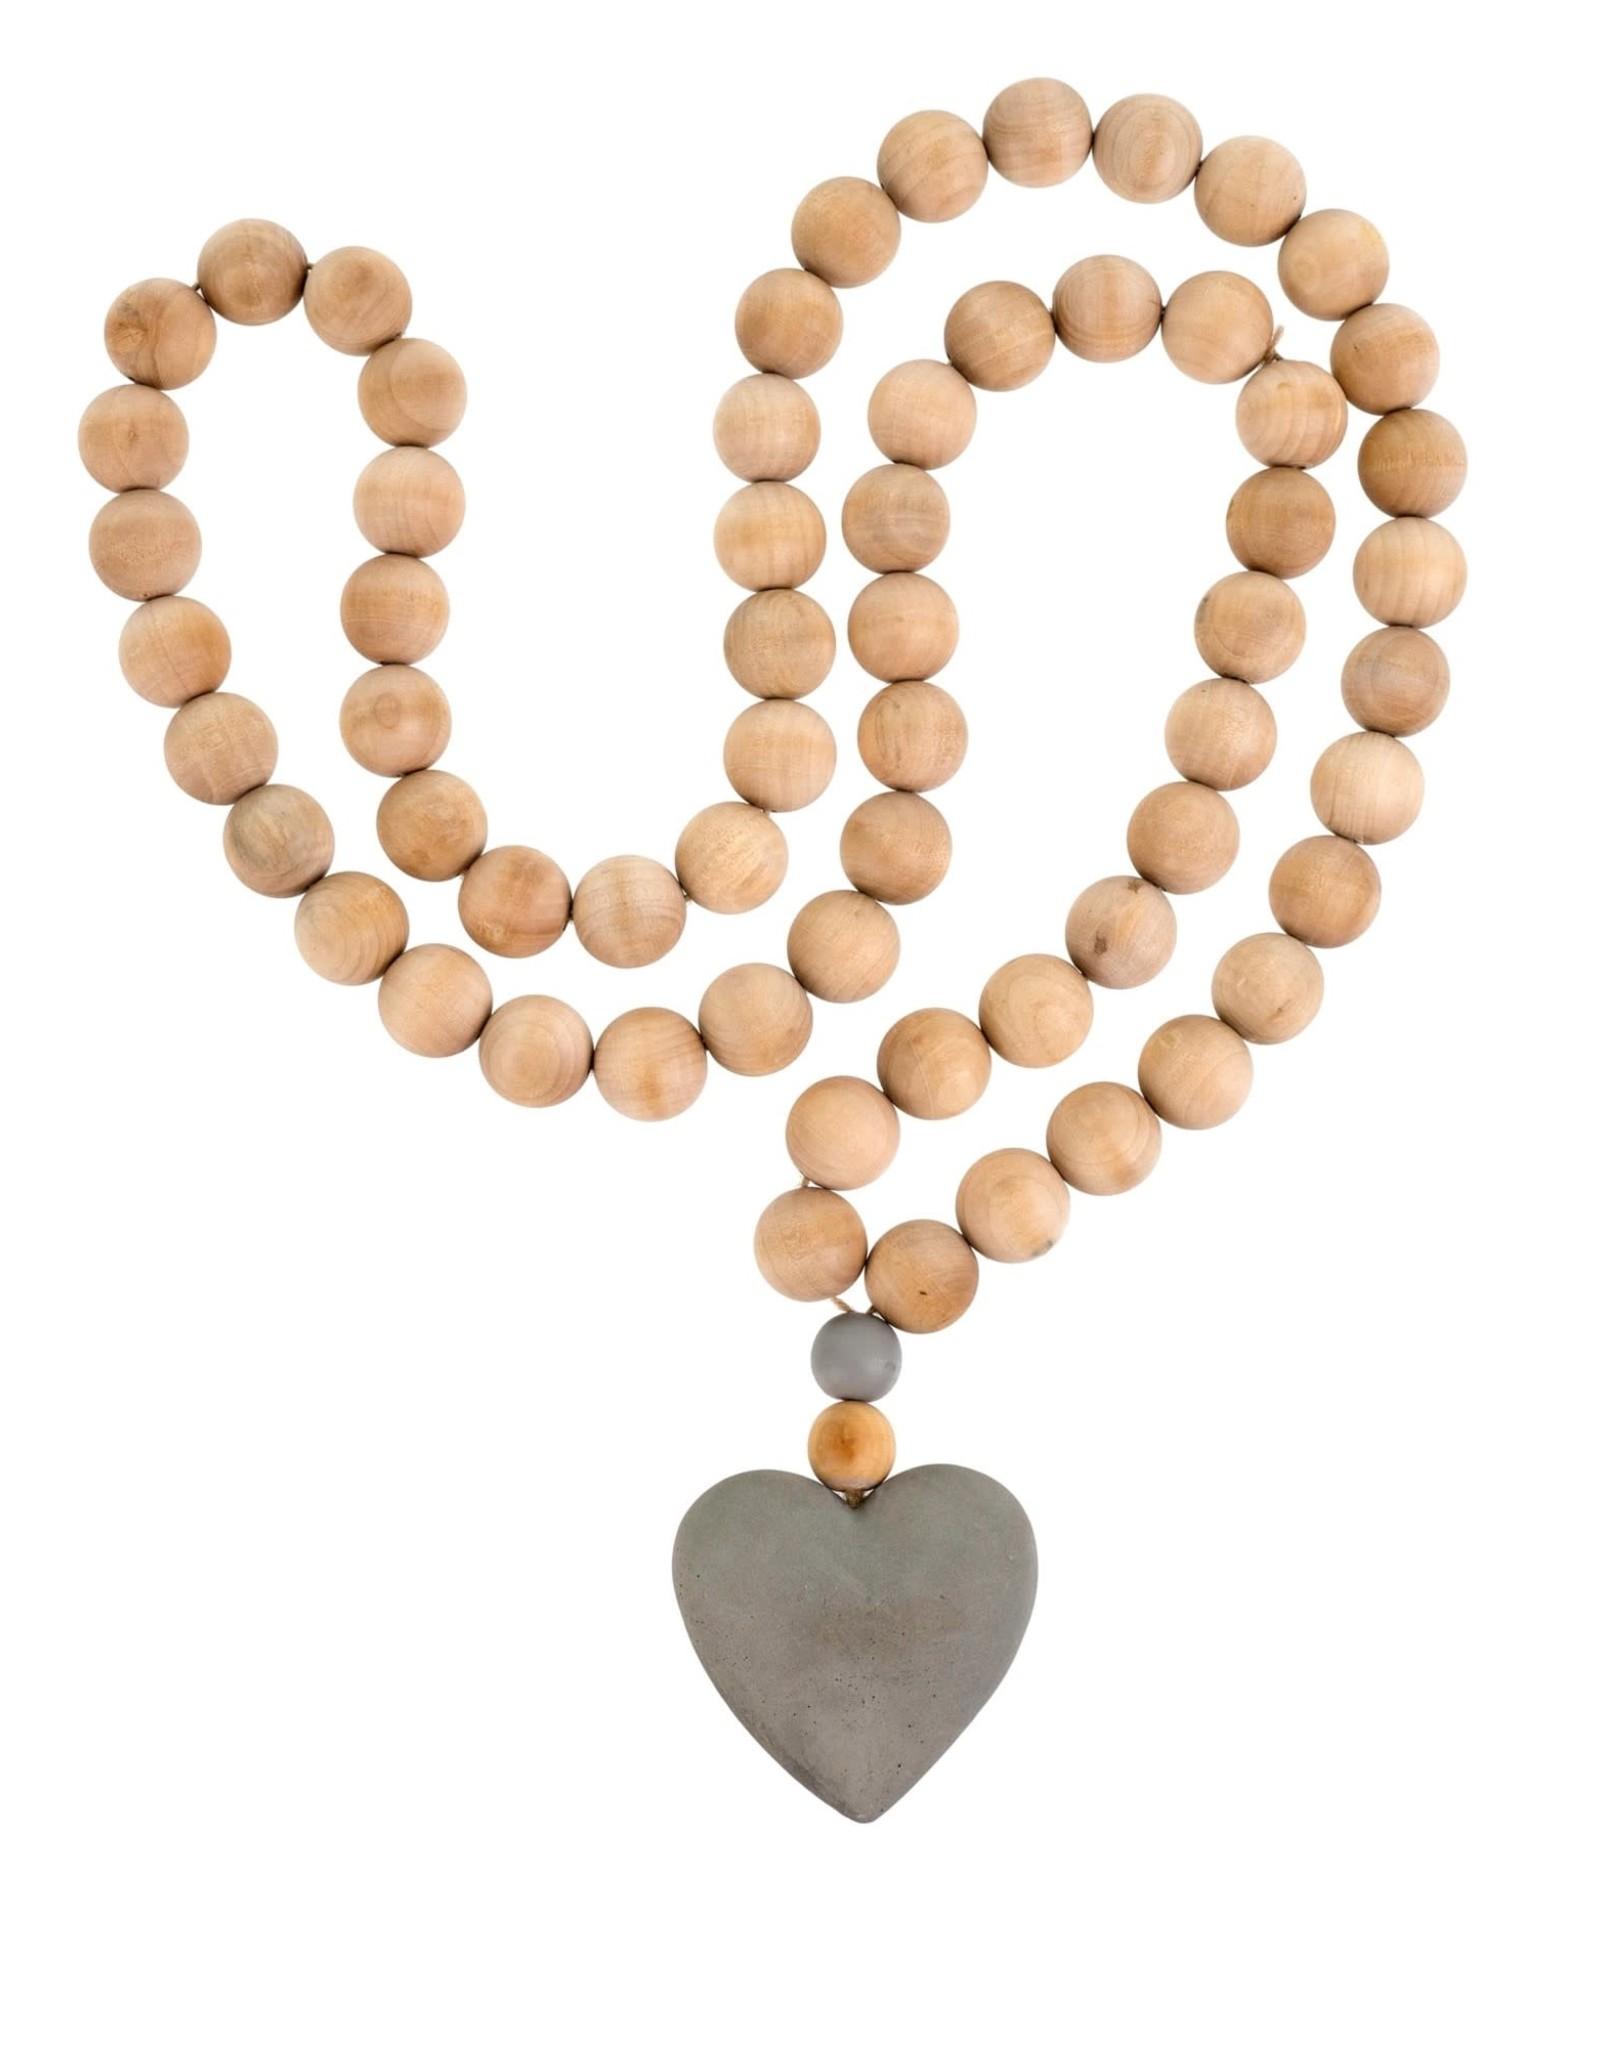 Indaba Heart Prayer Beads - Large